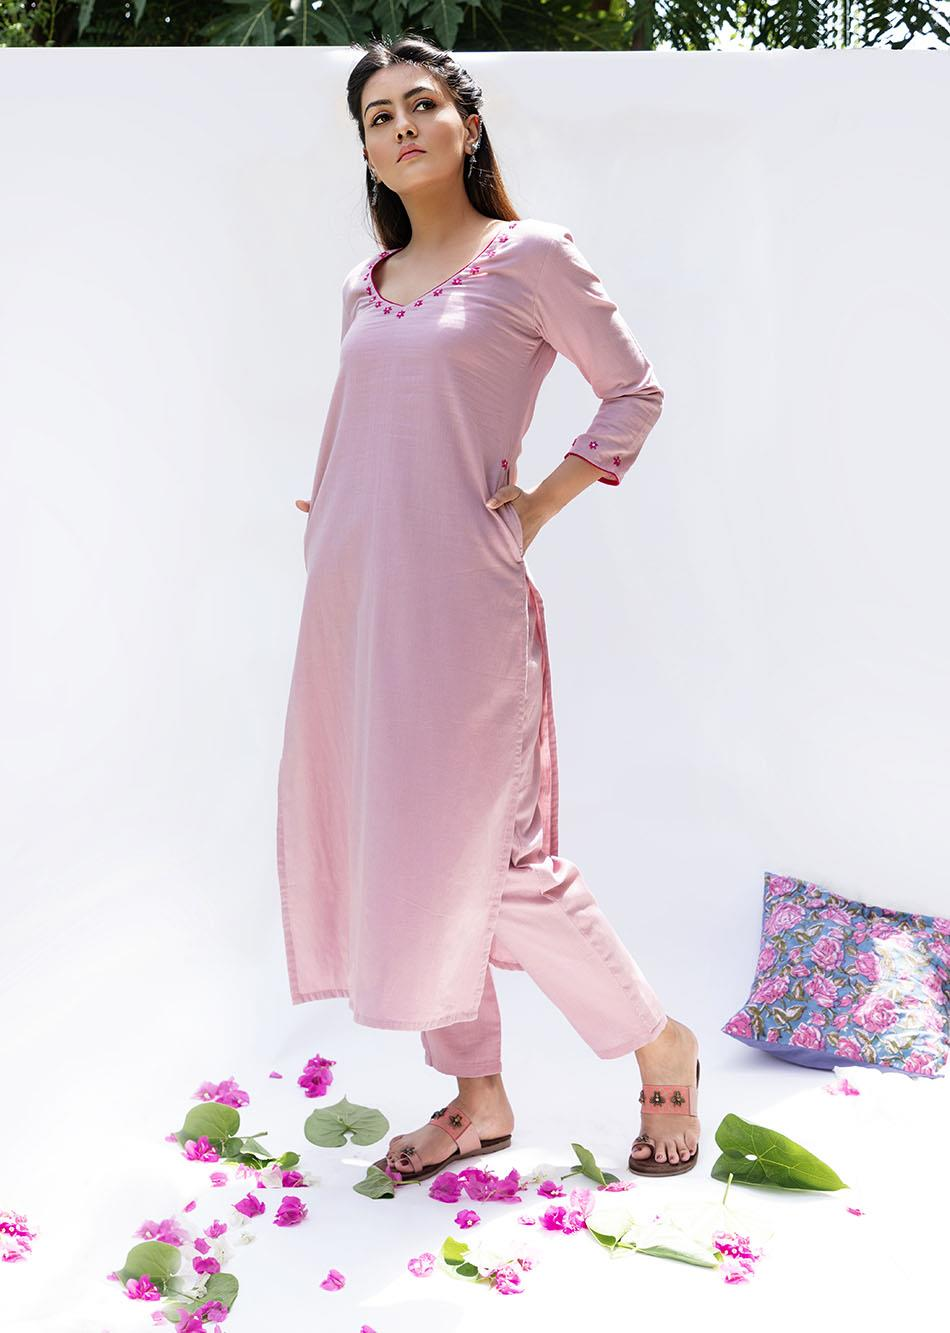 Gulabi Straight kurta and pants (set of 2) By Jovi Fashion